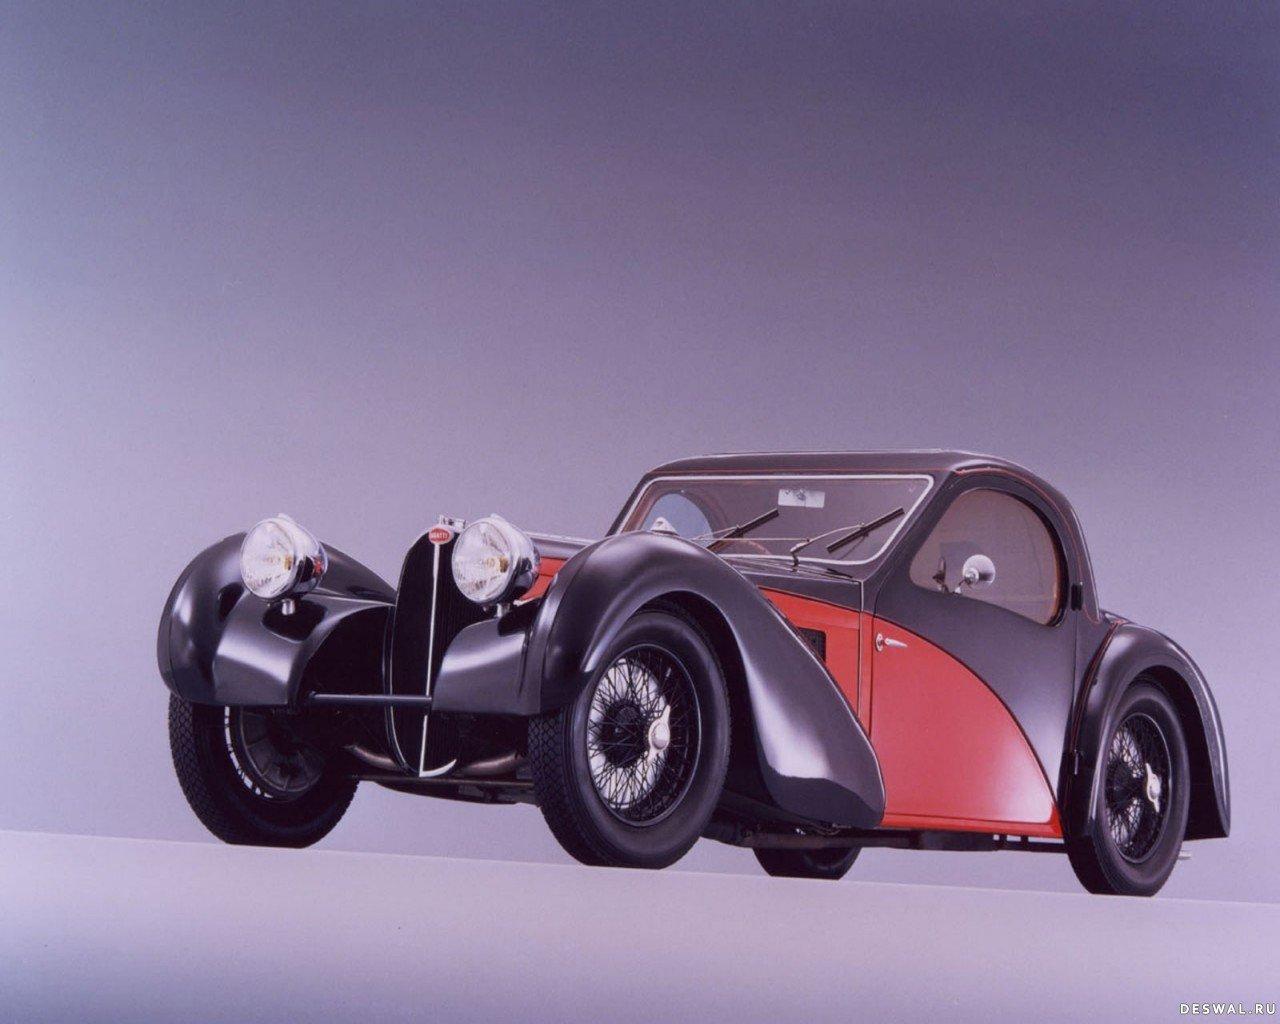 Изображение машины на фотографии , Нажмите на картинку с обоями автомобиля bugatti, чтобы просмотреть ее в реальном размере